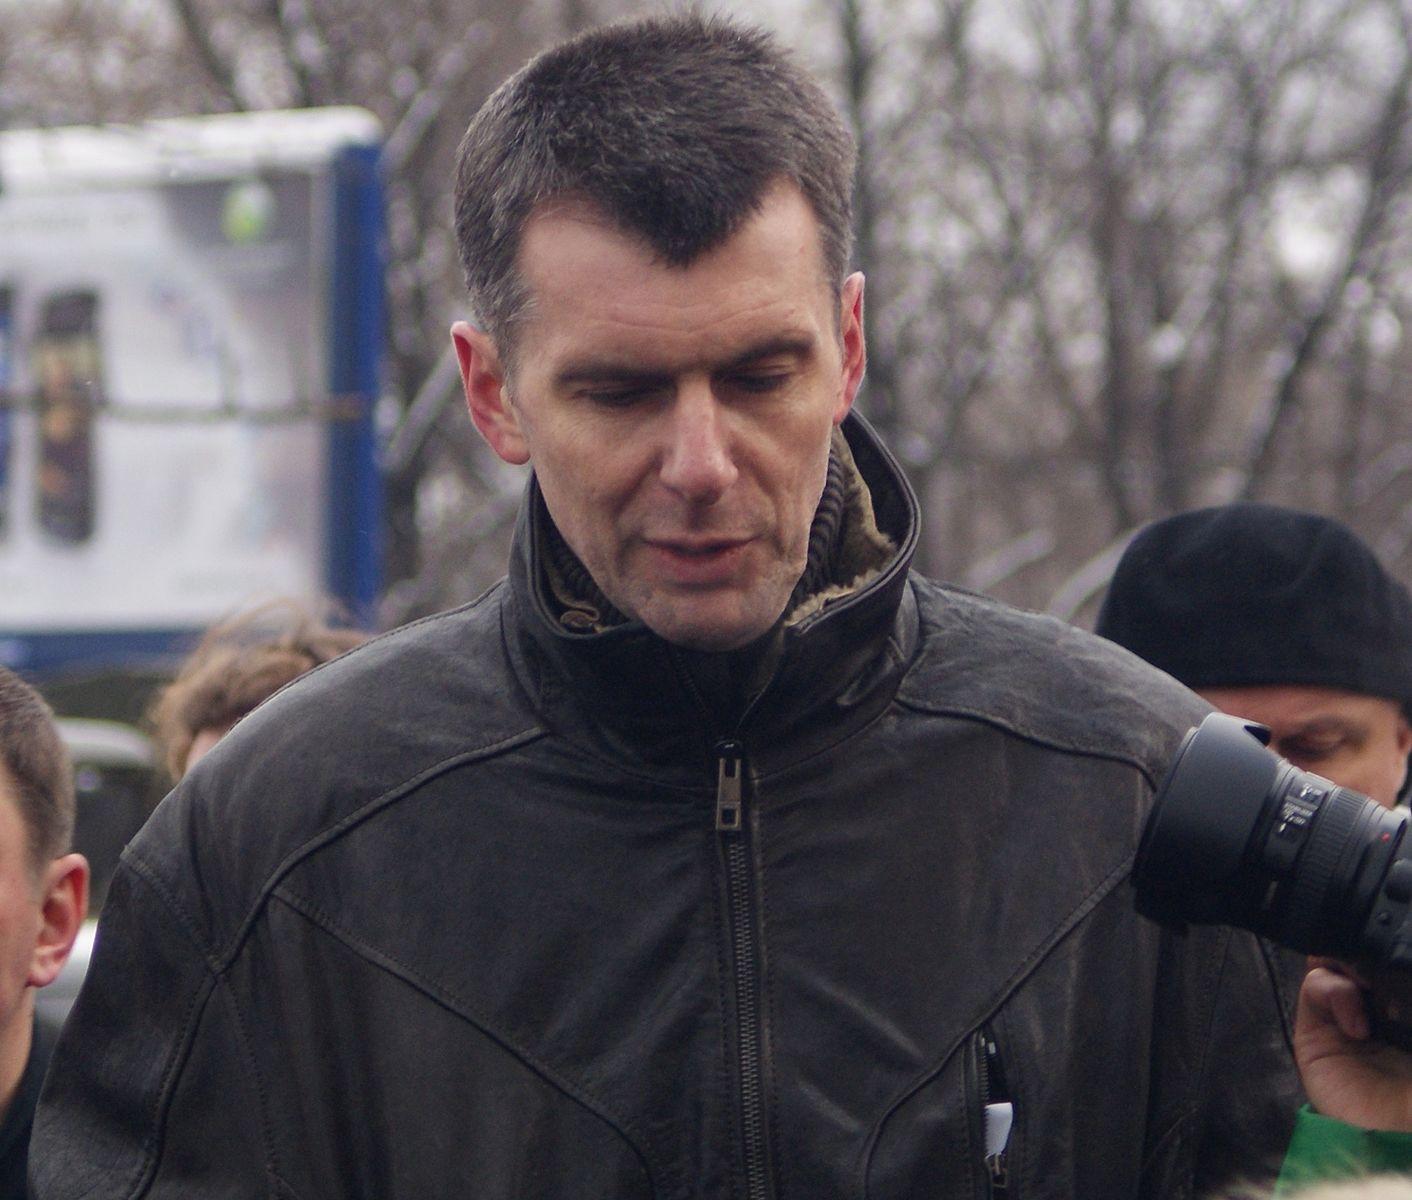 Михаил прохоров: биография, личная жизнь, семья, жена, дети